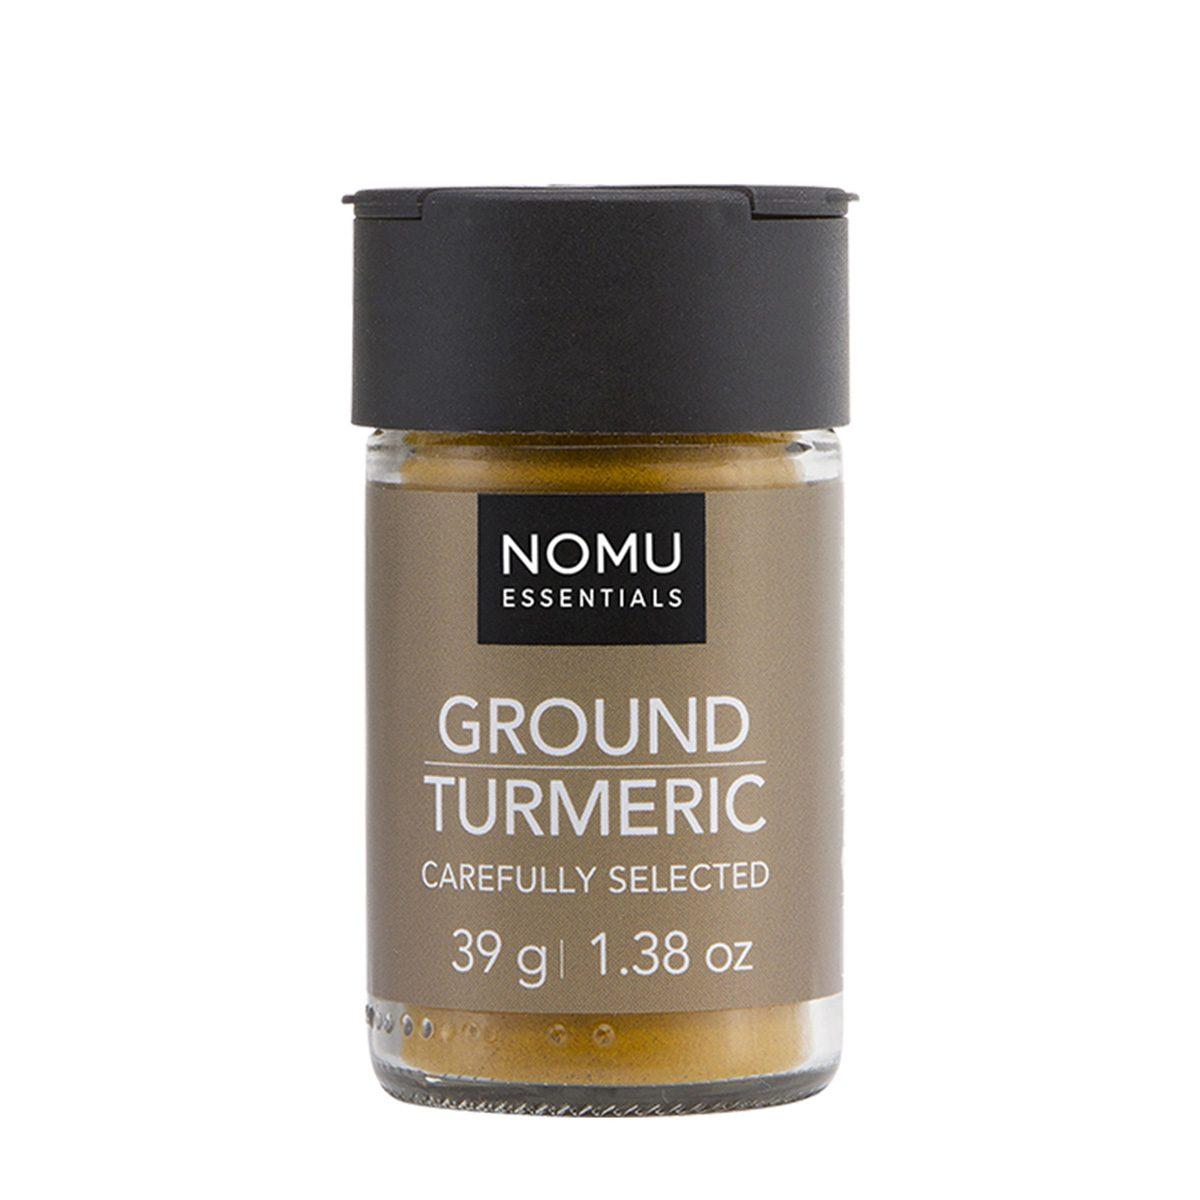 Ground-Turmeric